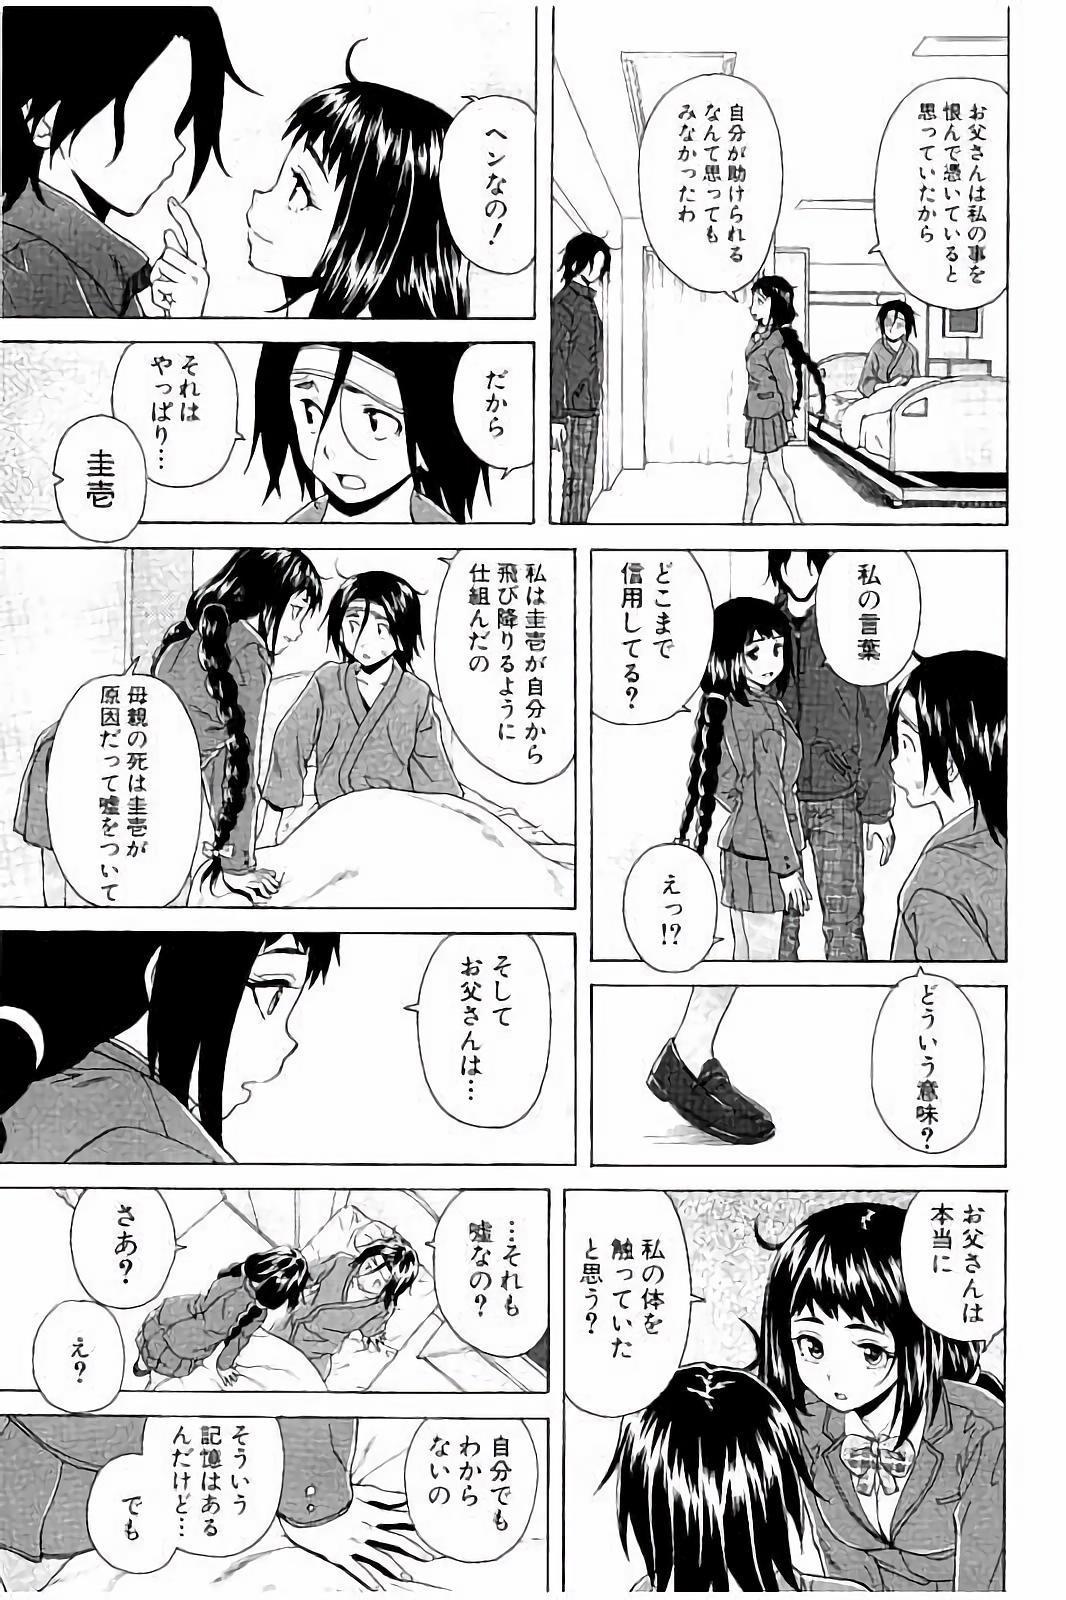 Ane no Himitsu To Boku no Jisatsu 164